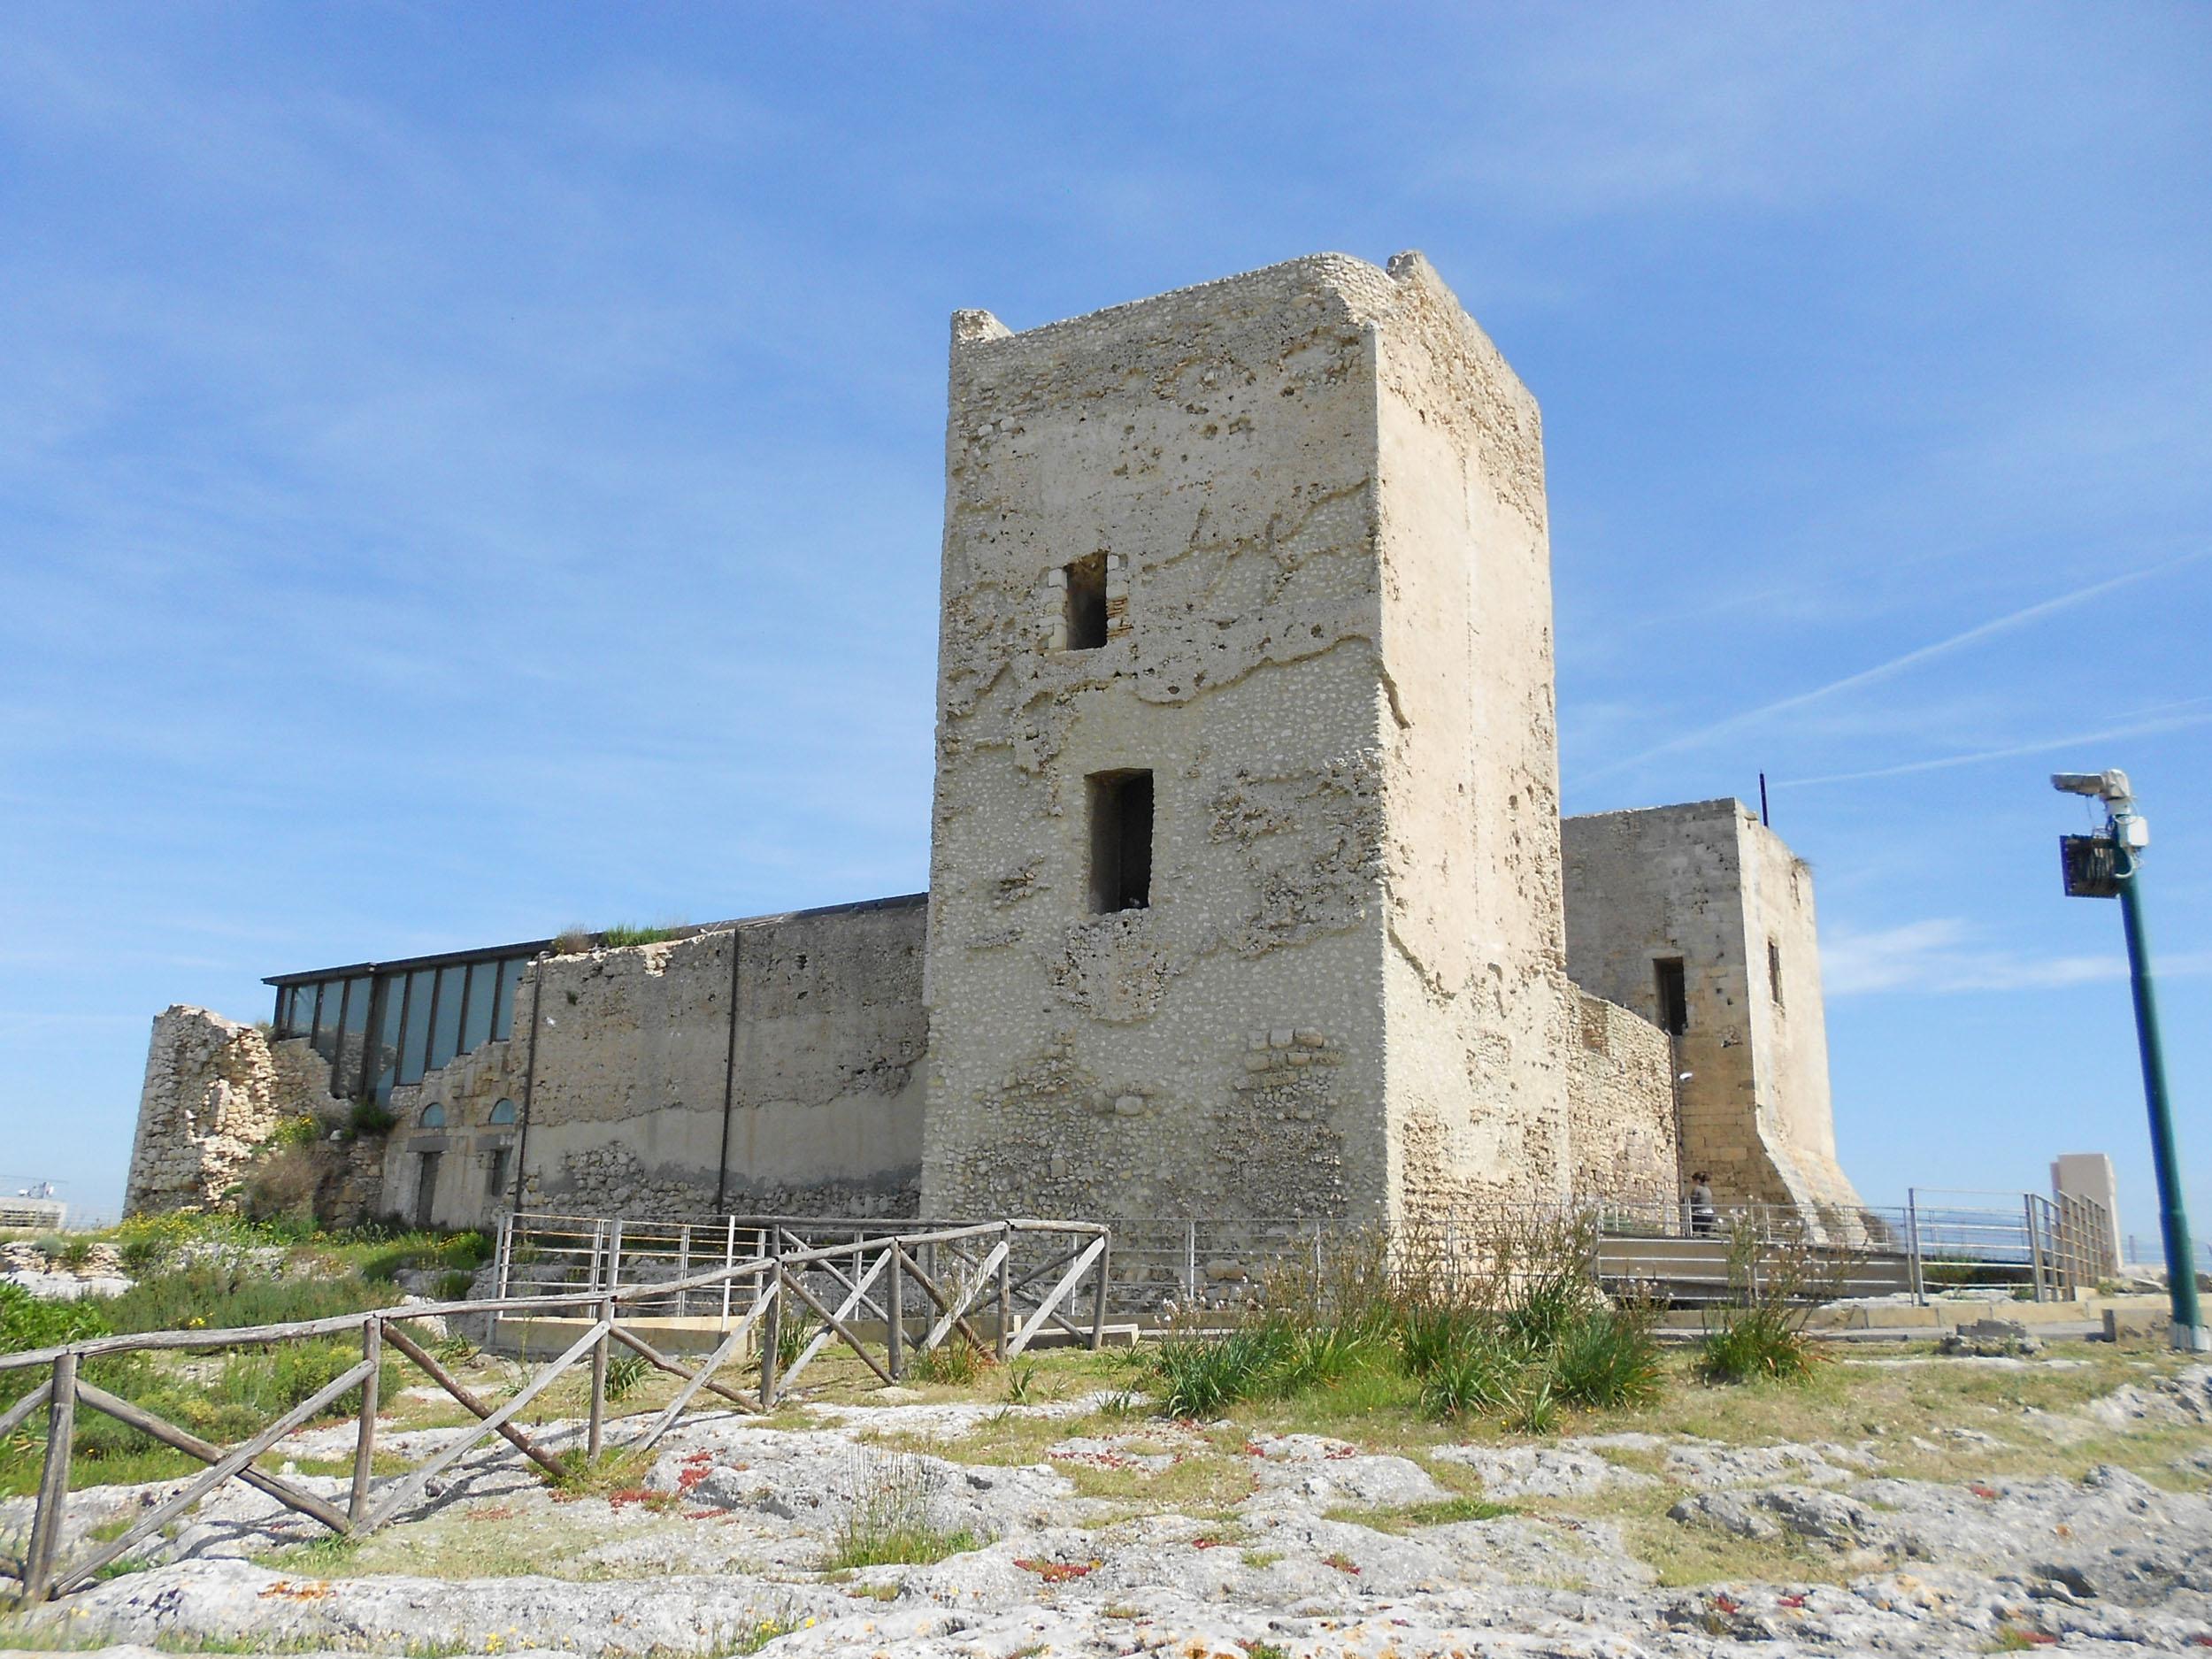 ANIME DIVERSE Collettiva Fotografica - Scuola d'arte fotografica Fine Art - visitabile fino al 3 luglio 2016 Cagliari Castello San Michele.